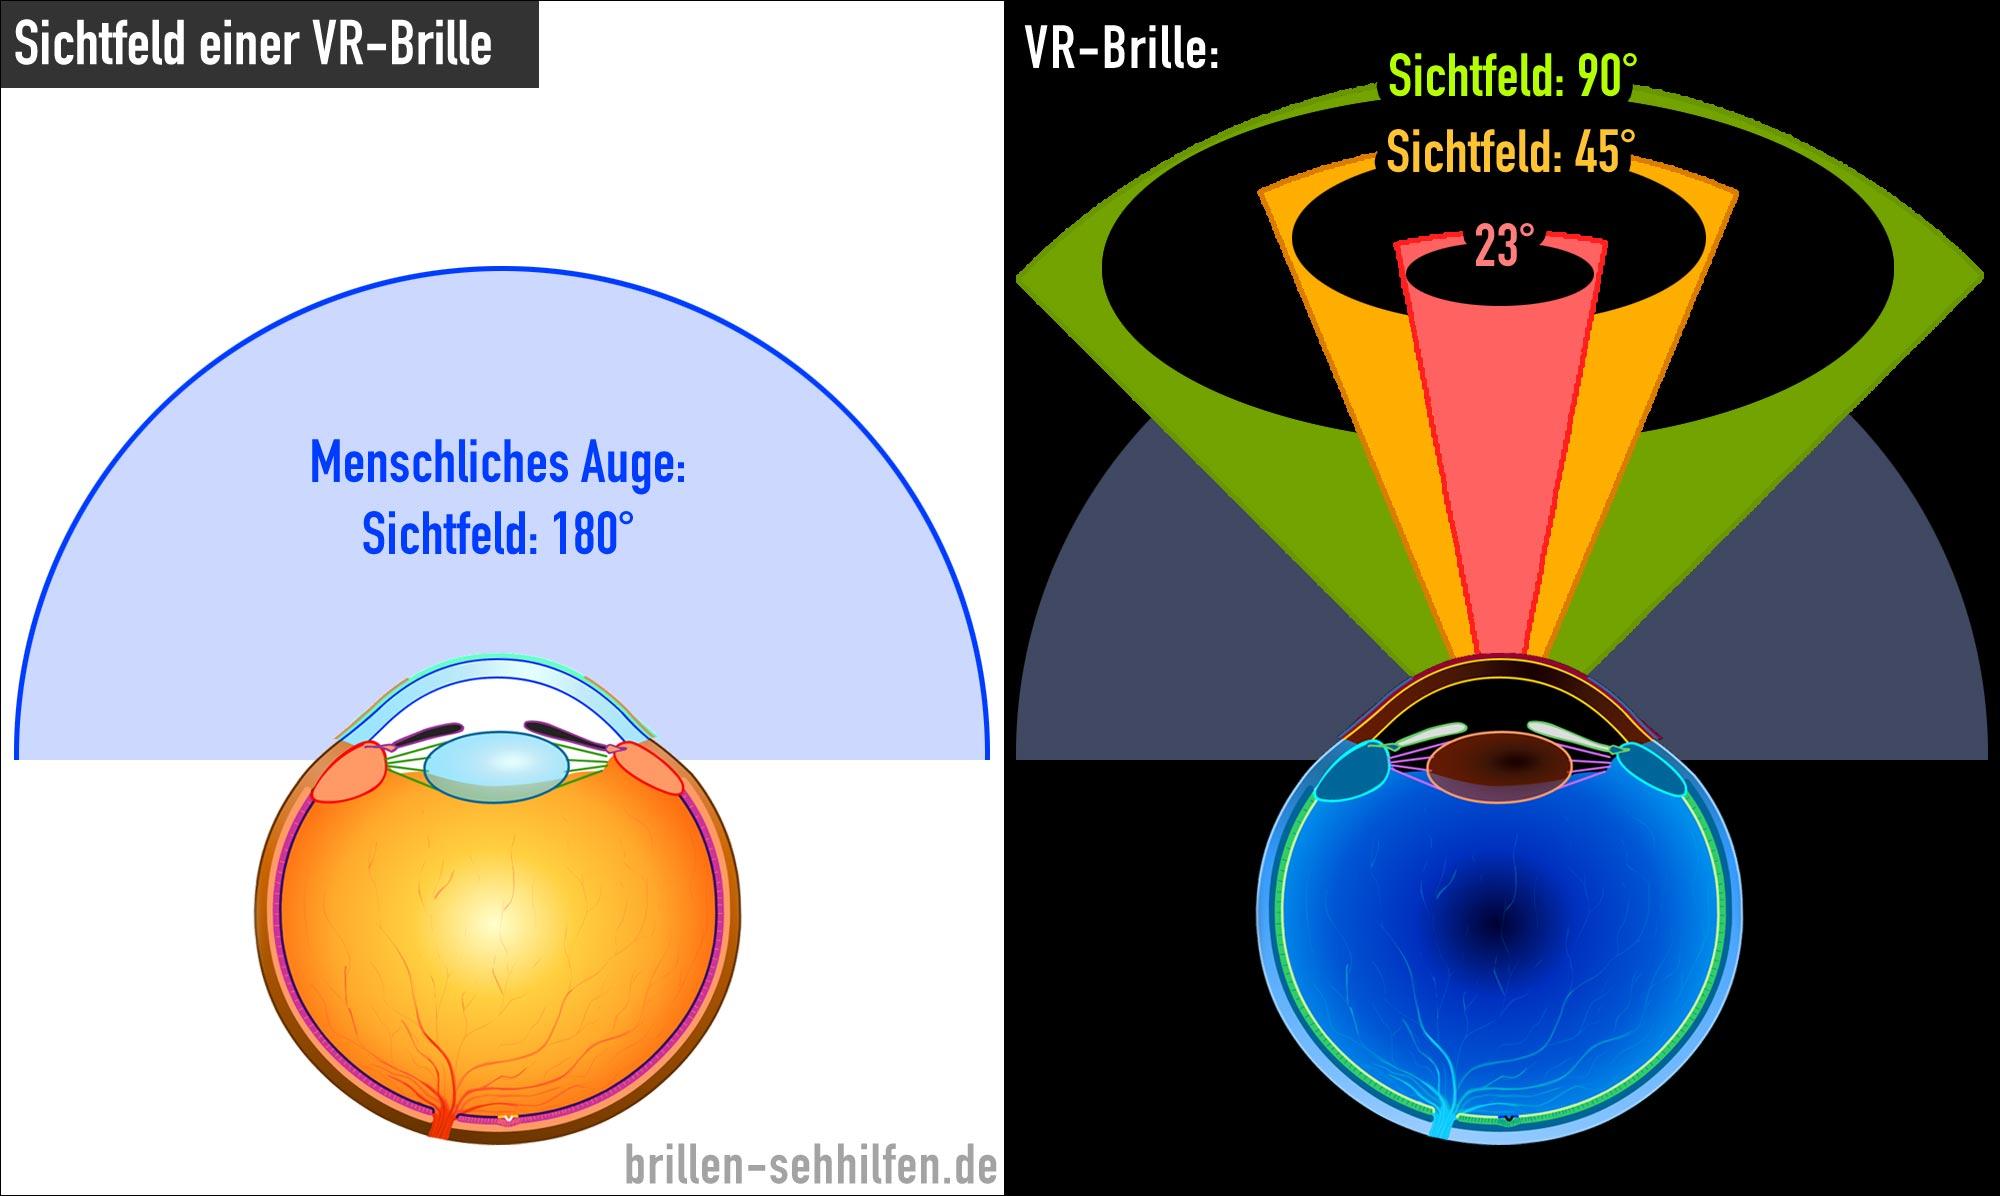 Wie funktioniert eine VR-Brille?